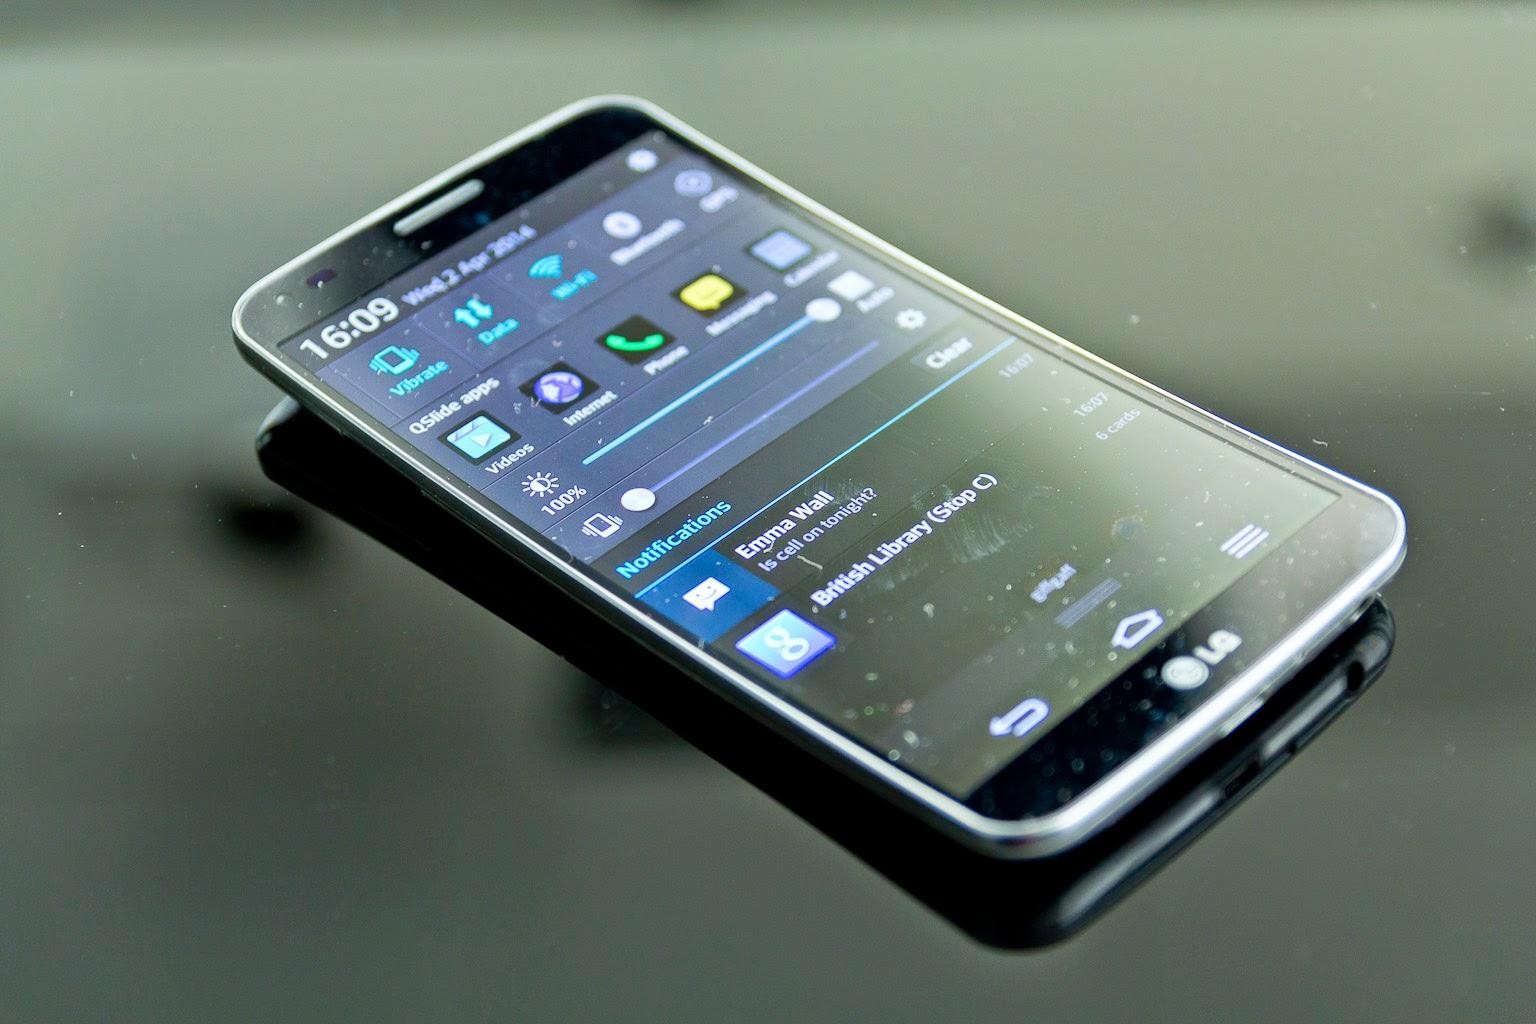 LG G Flex 2 Masih Menggoda Dengan Design Lengkung